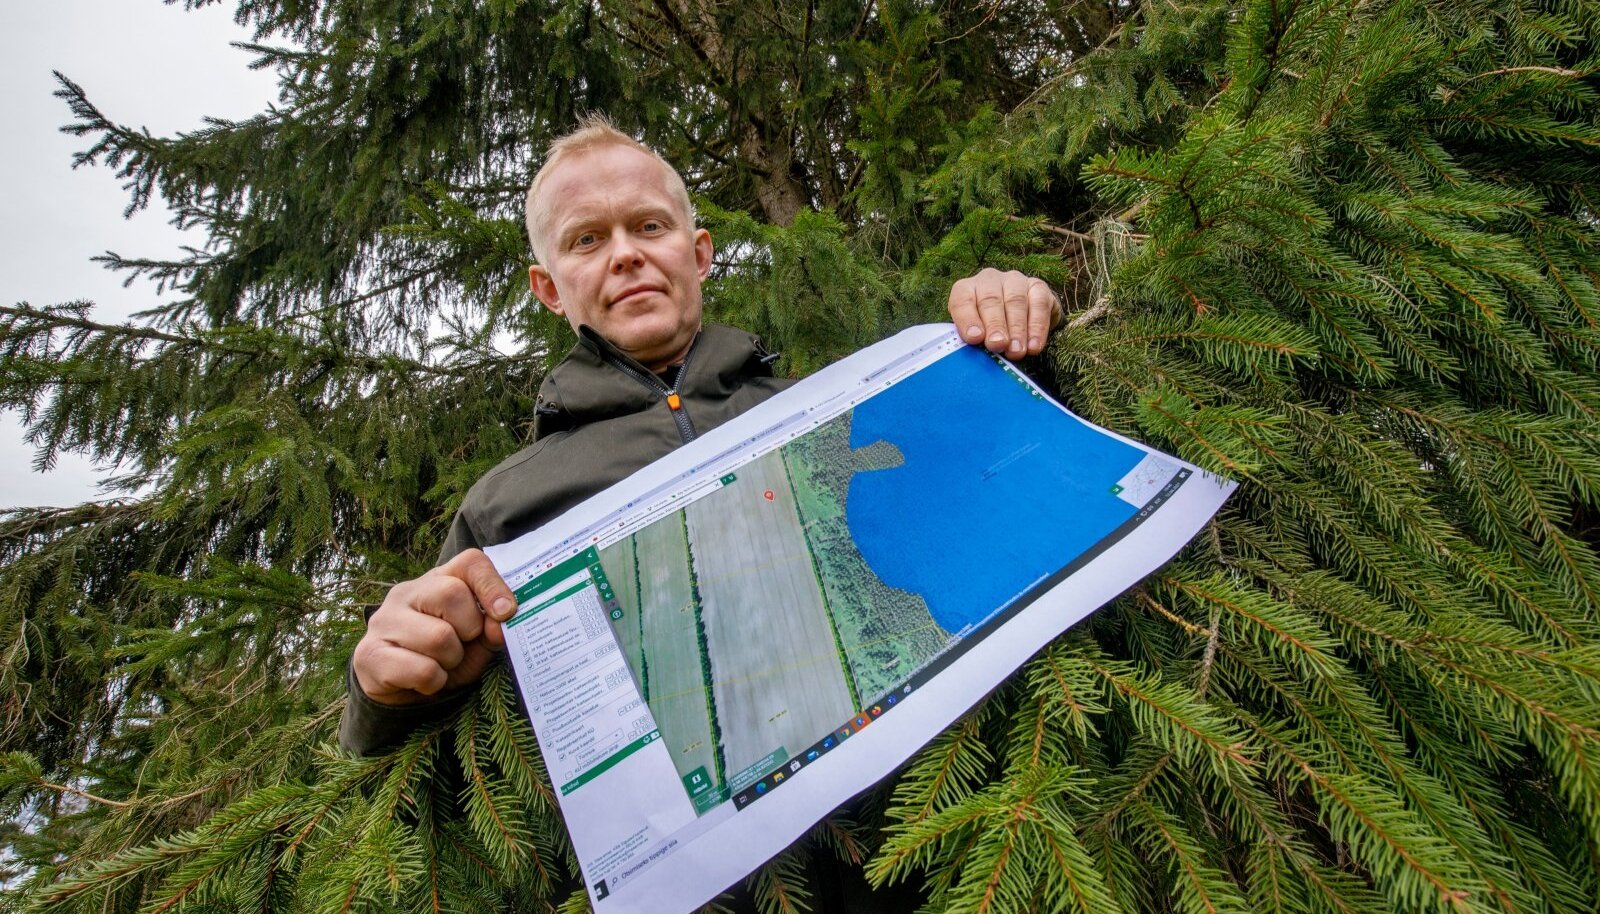 Heiki Hanso näitab maa-ameti kaarti, millelt on näha, kuidas planeeritav kaitseala tema maasse sisse lõikab. Keskkonnaamet ei ole Hansole oma plaanidest teada andnud, vaatamata sellele, et kaitseala moodustamine algatati 2010. aastal.